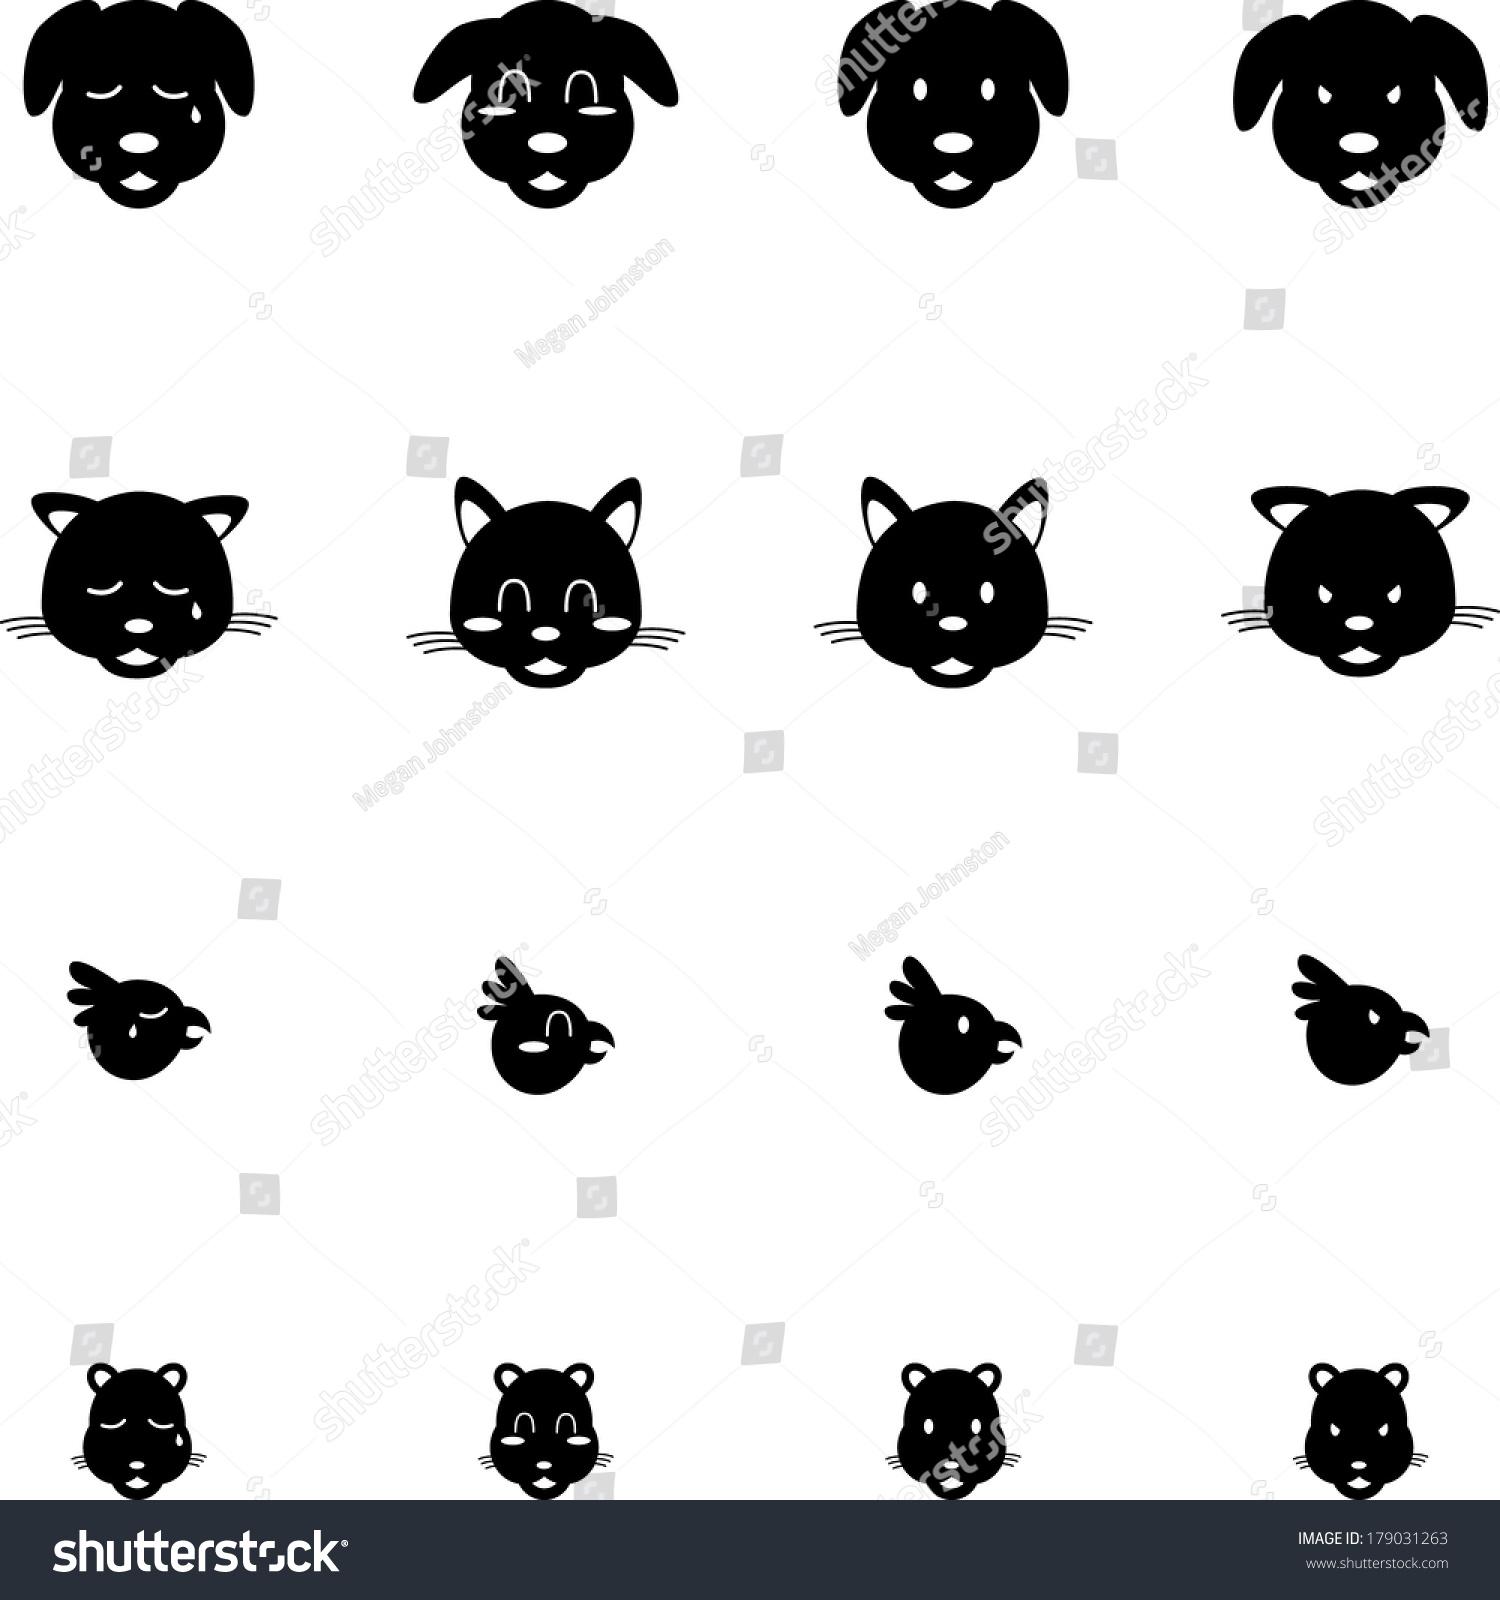 可爱的宠物猫狗鸟仓鼠表情图标集